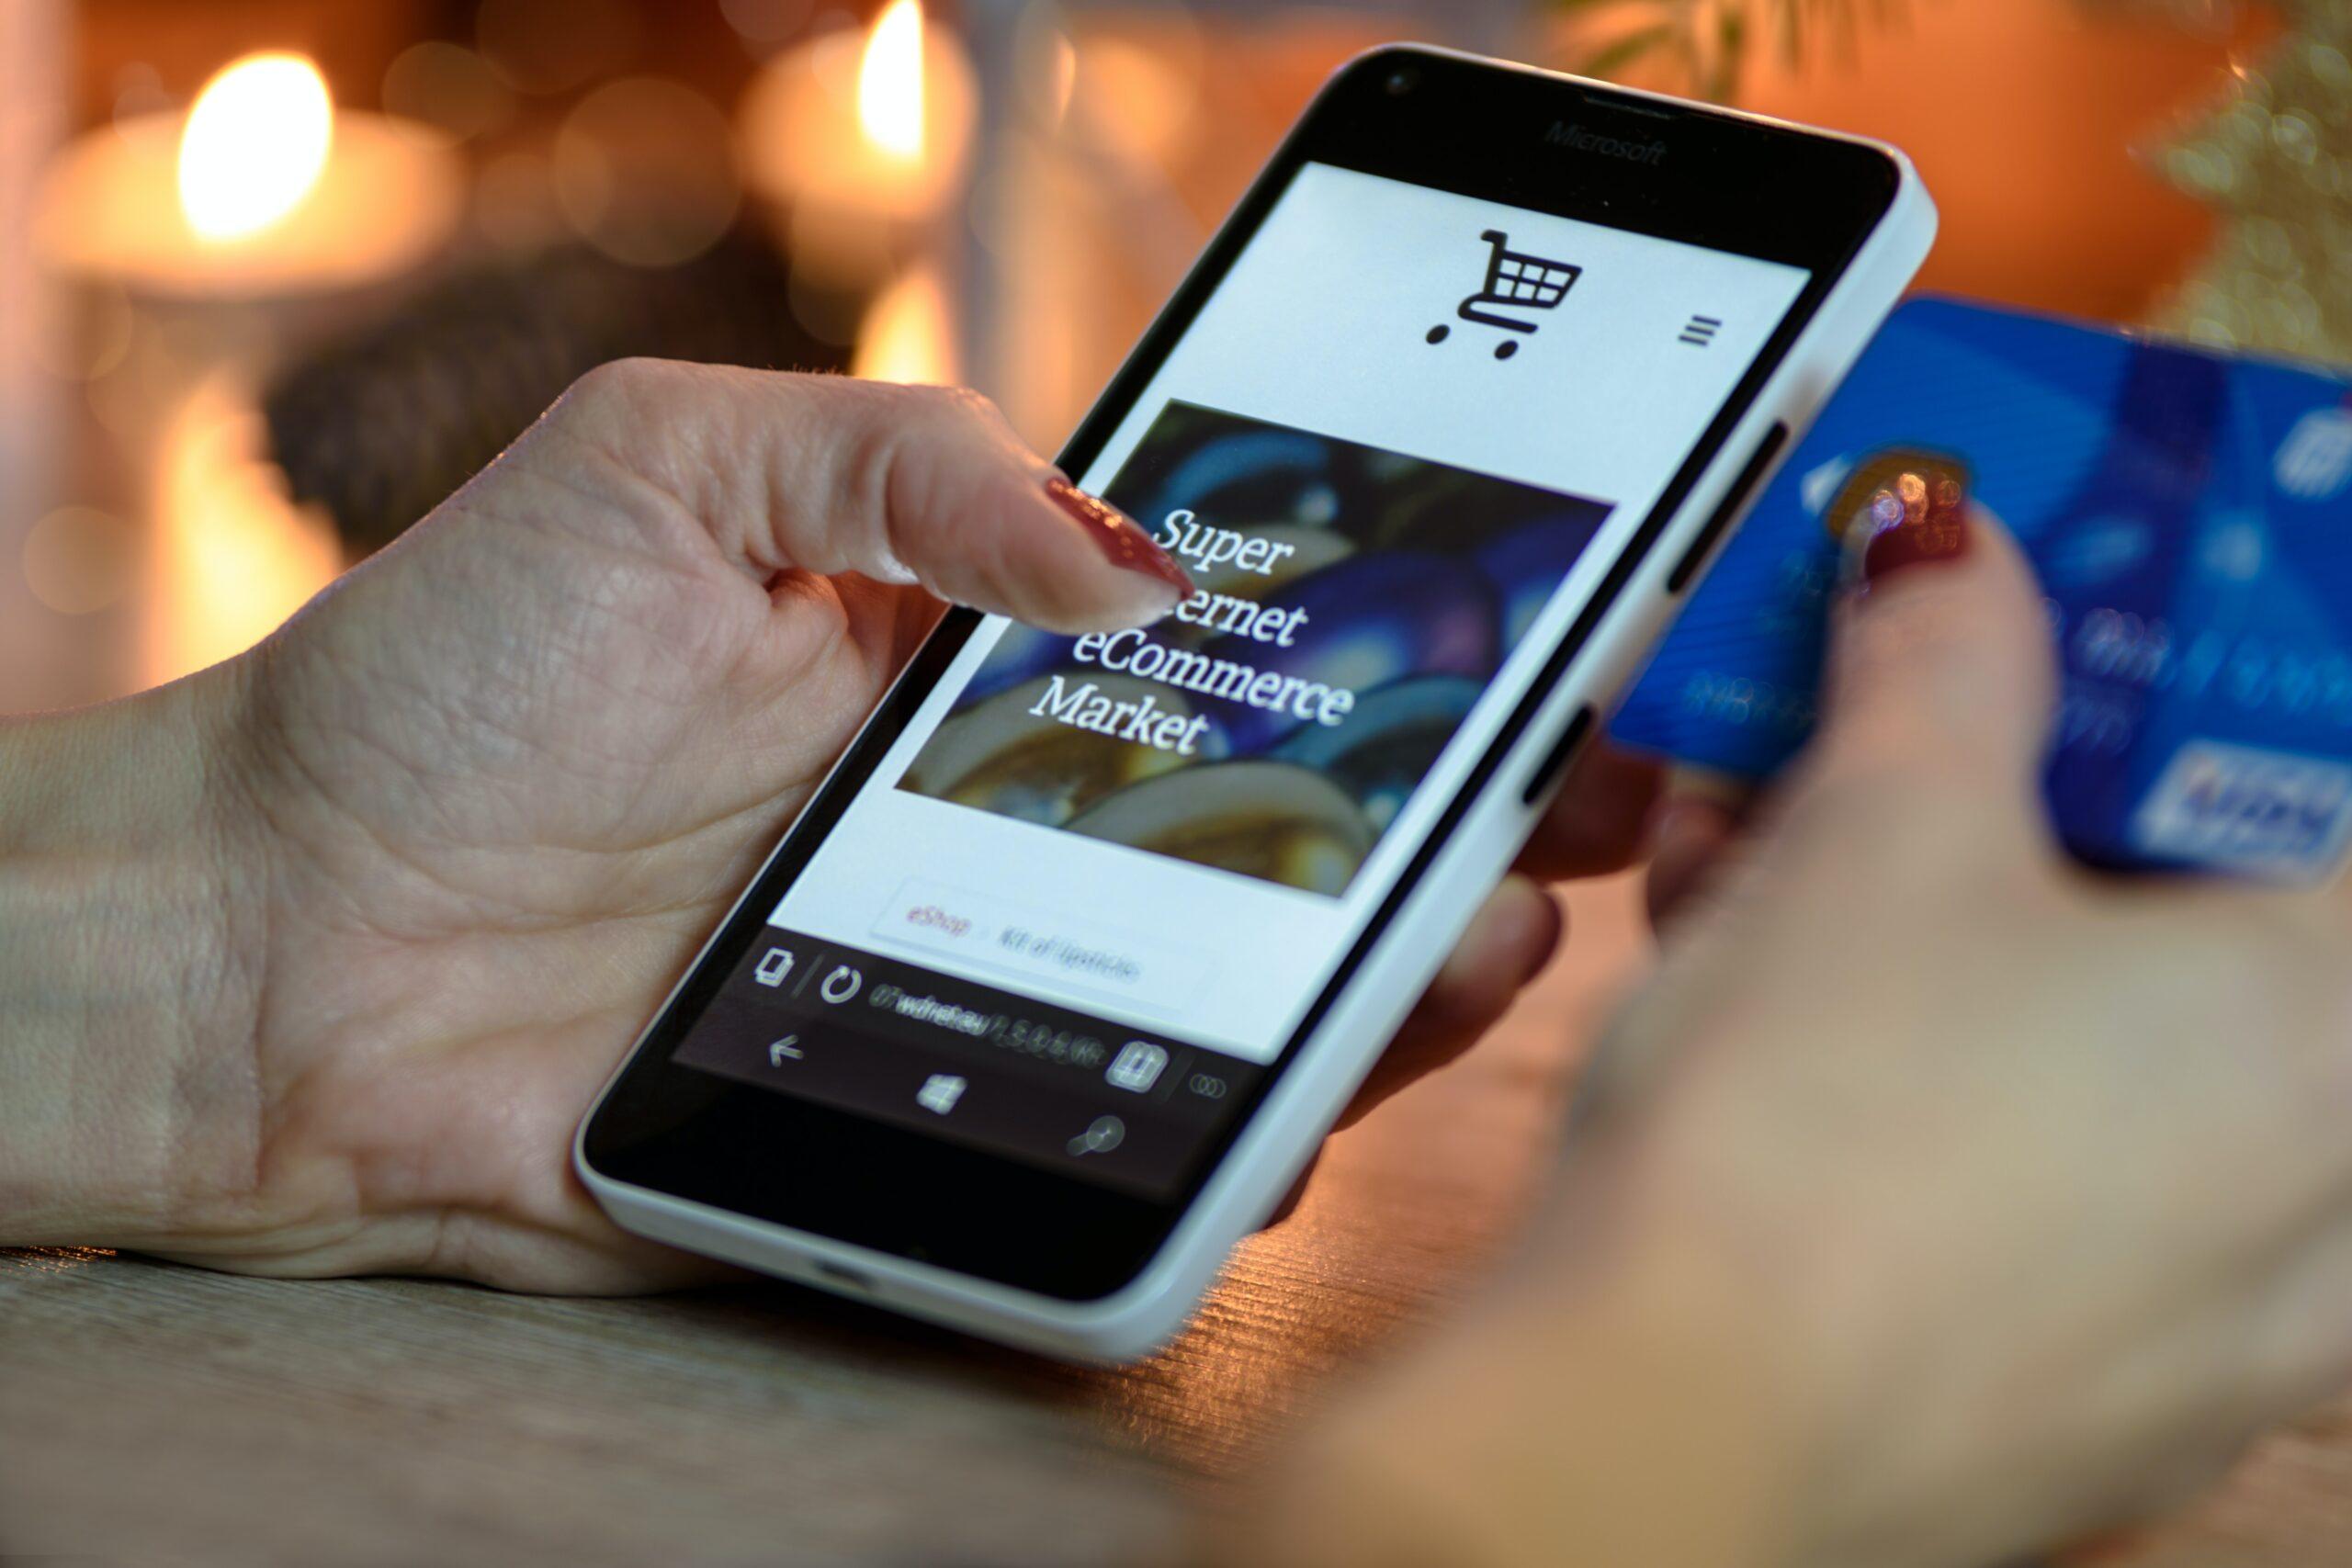 Відсутність зручною мобільної версії сайту може привести до втрати позицій в пошуковій видачі